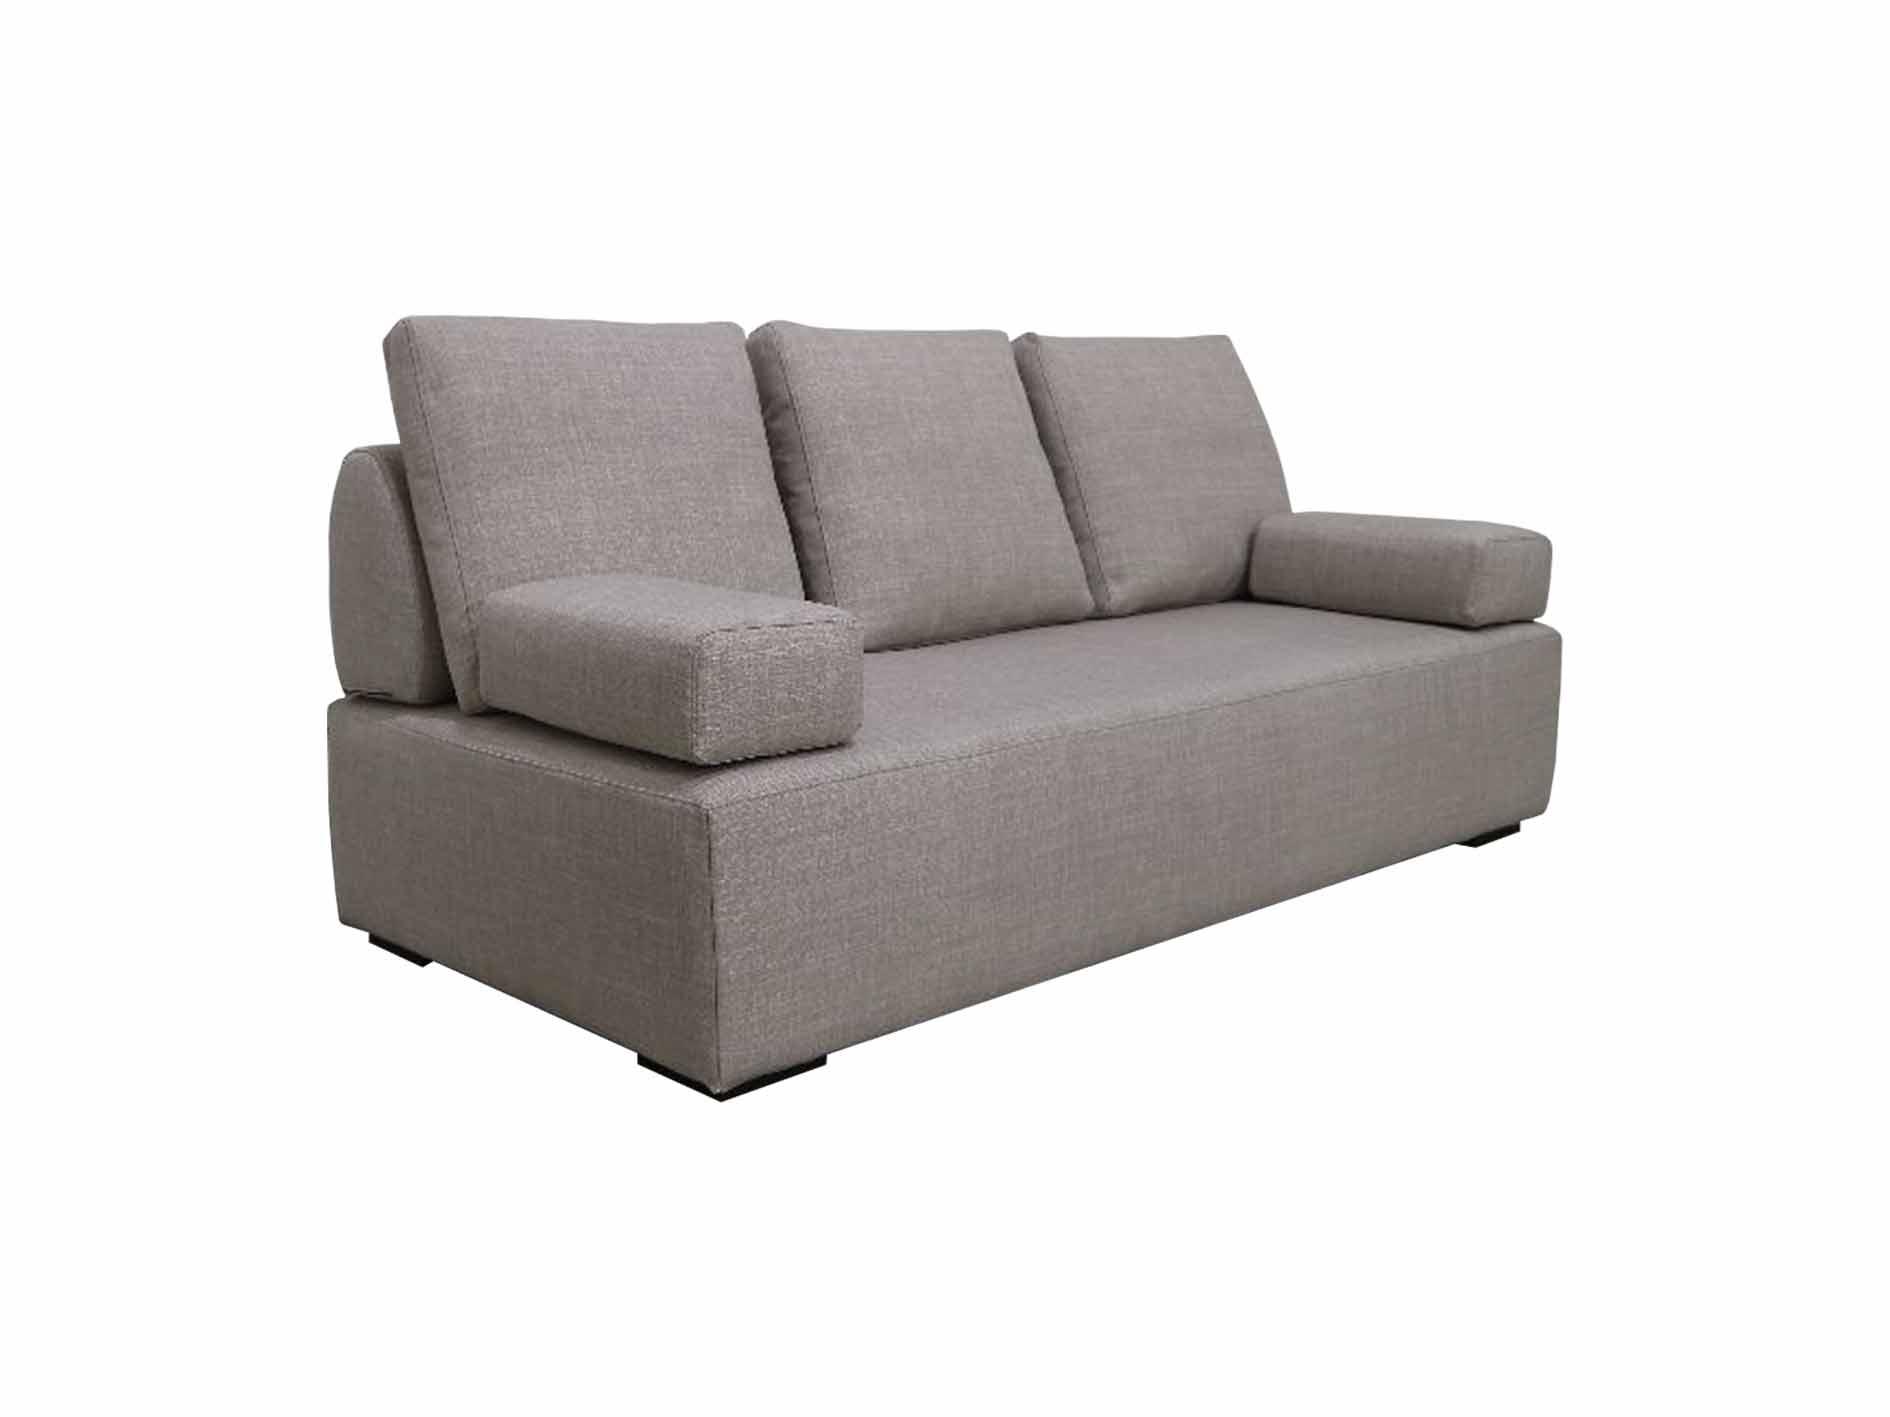 Valerio Designer Italian Fabric Sofa 3939 3 Seater